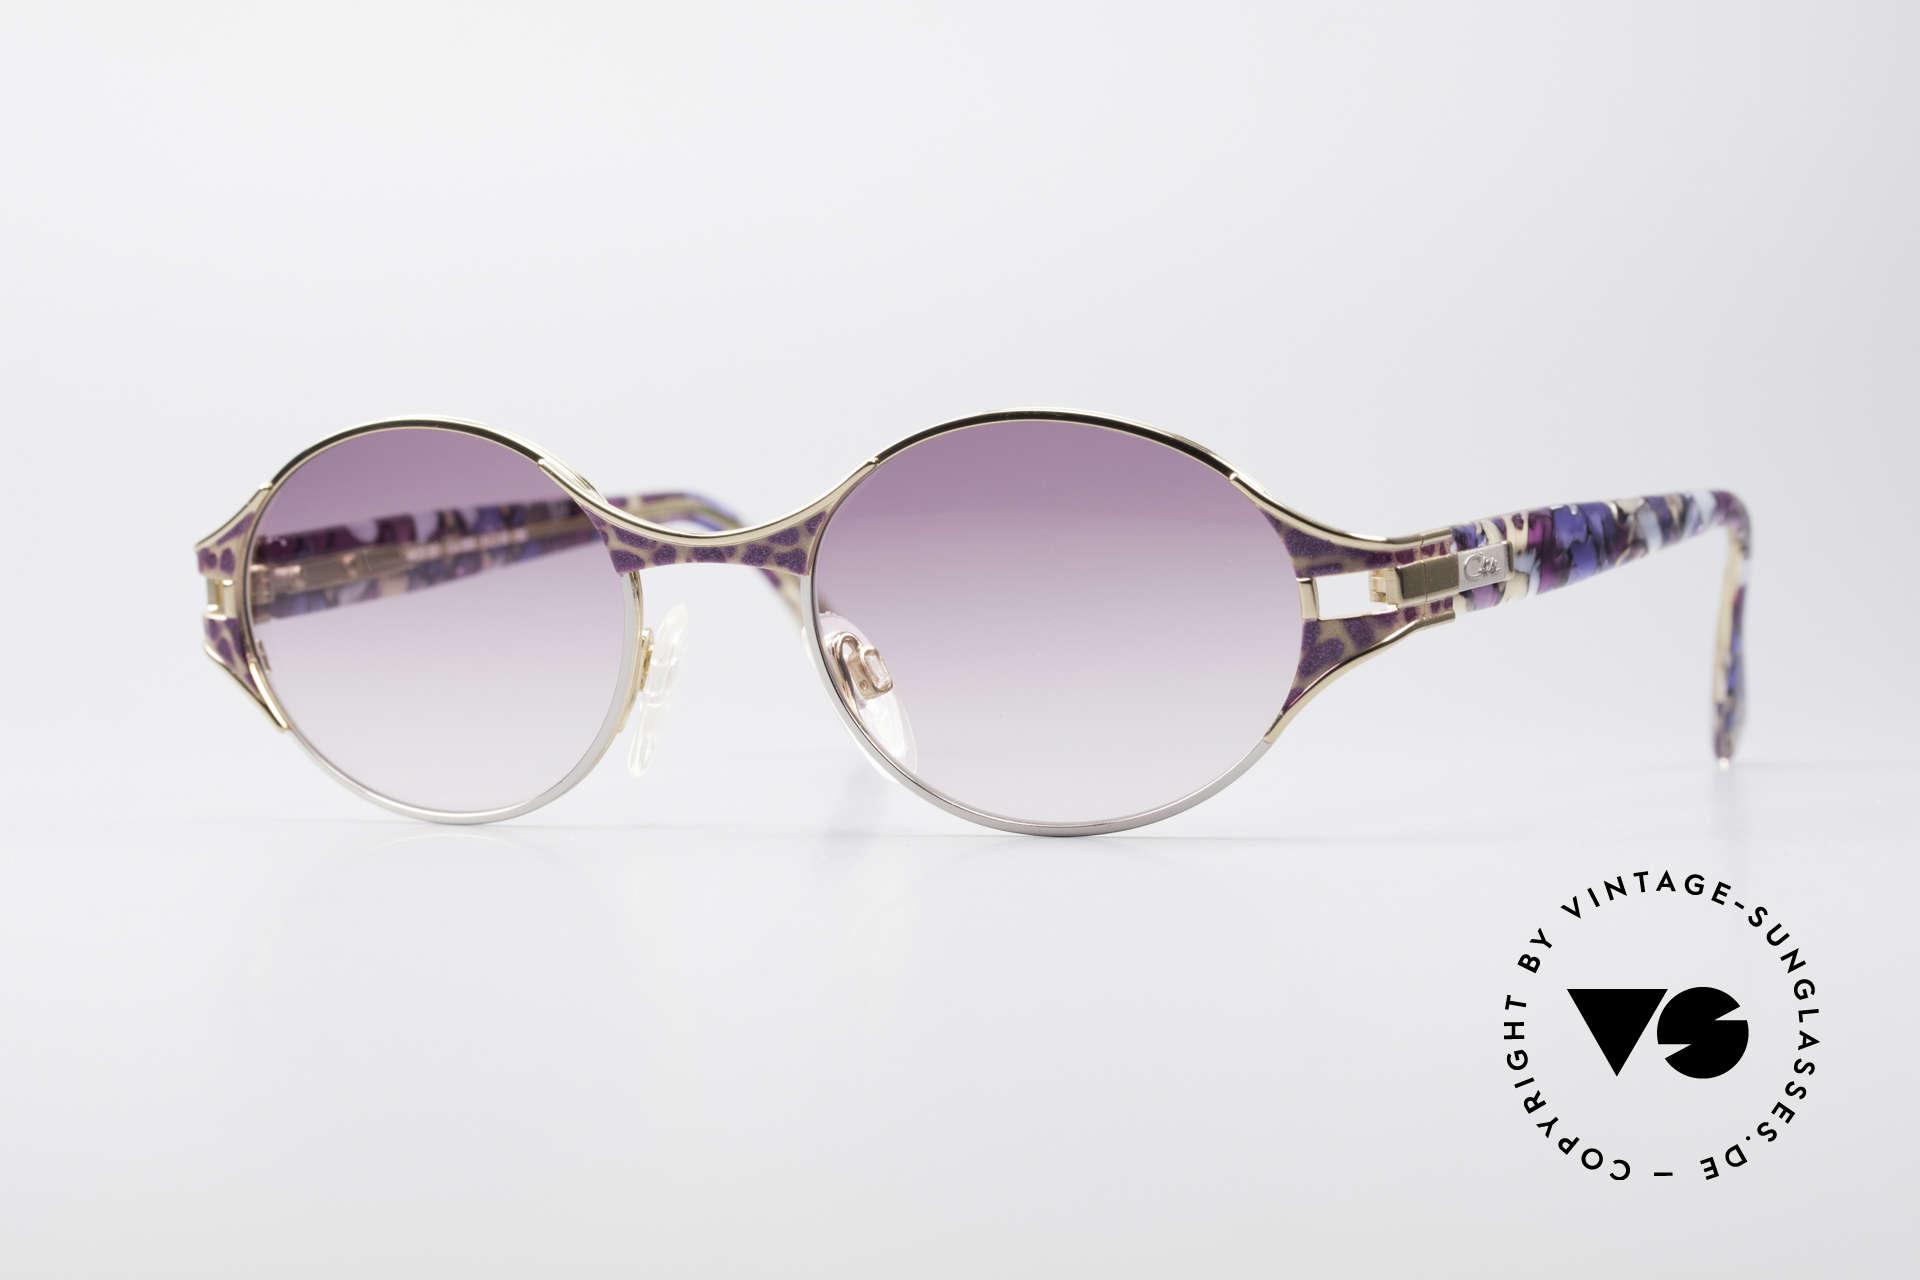 Cazal 281 Ovale Vintage Sonnnenbrille, CAZAL vintage Sonnenbrille aus den späten 90ern, Passend für Damen